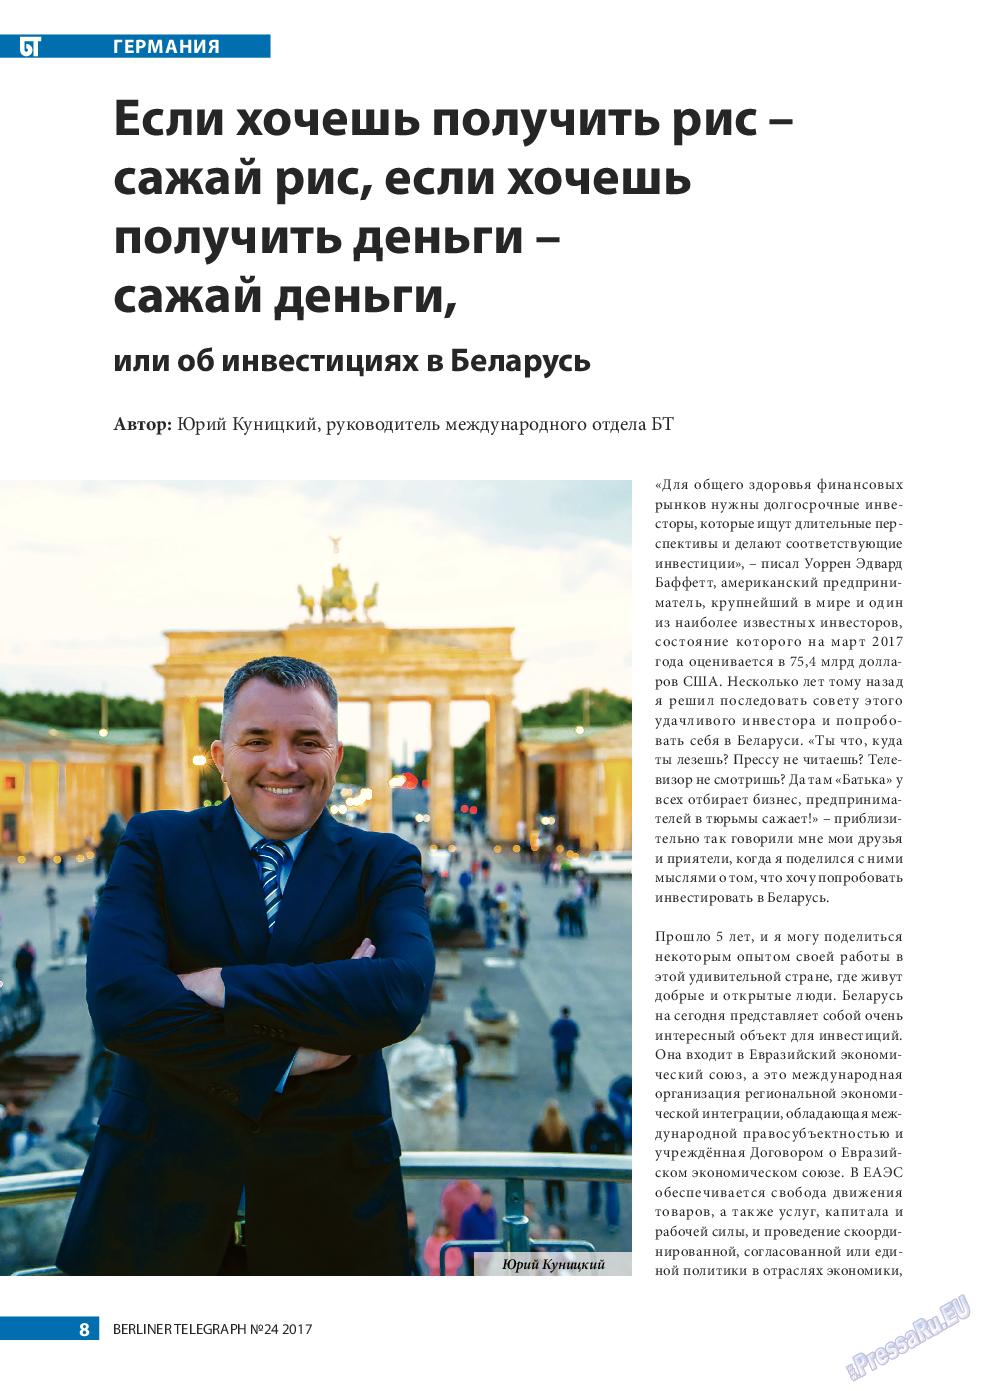 Берлинский телеграф (журнал). 2017 год, номер 24, стр. 8